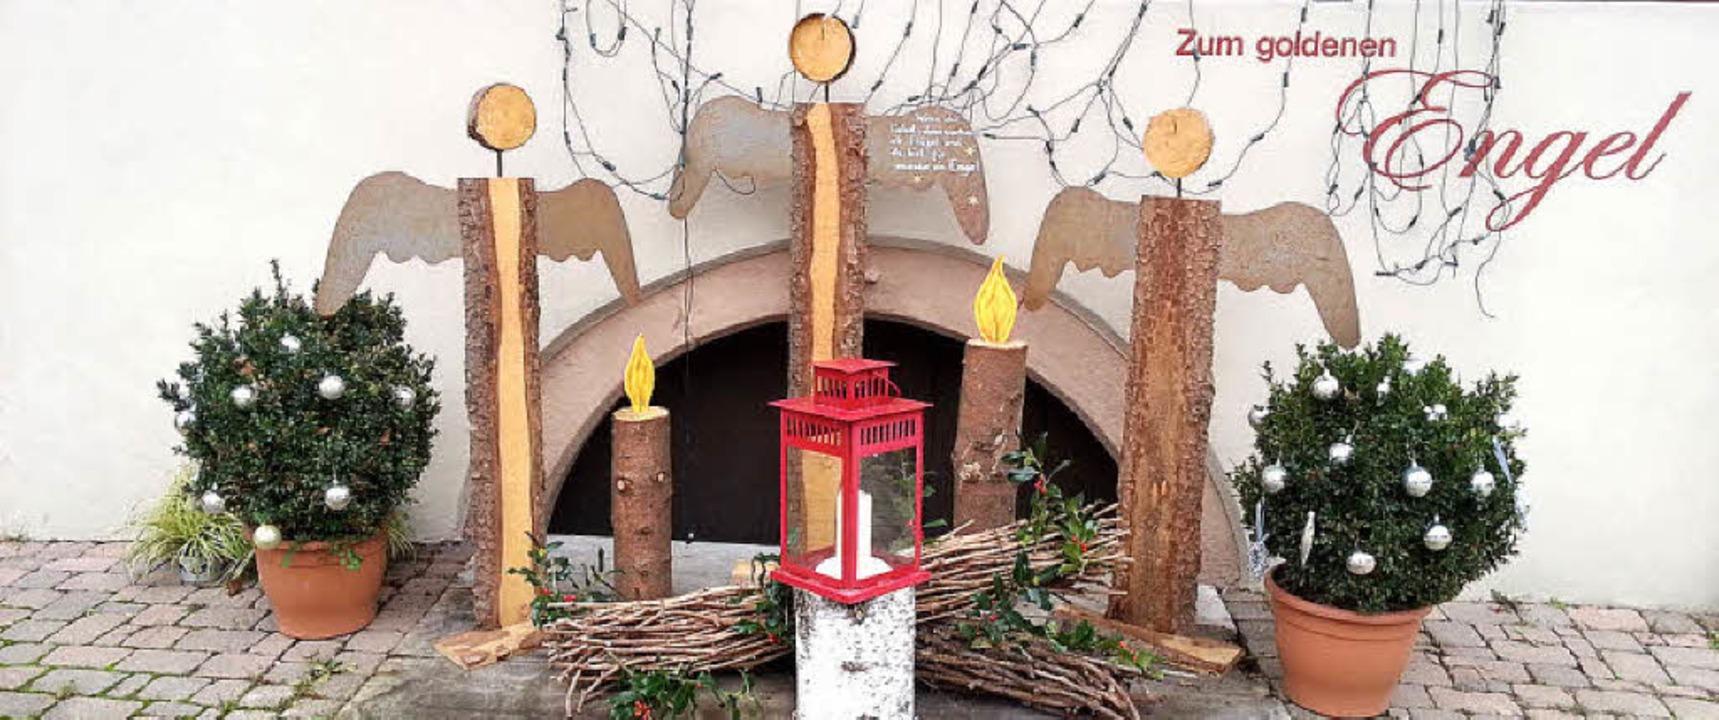 Auch das Glottertäler Gasthaus zum Goldenen Engel hat  Schutzengel.  | Foto: Otto Binder